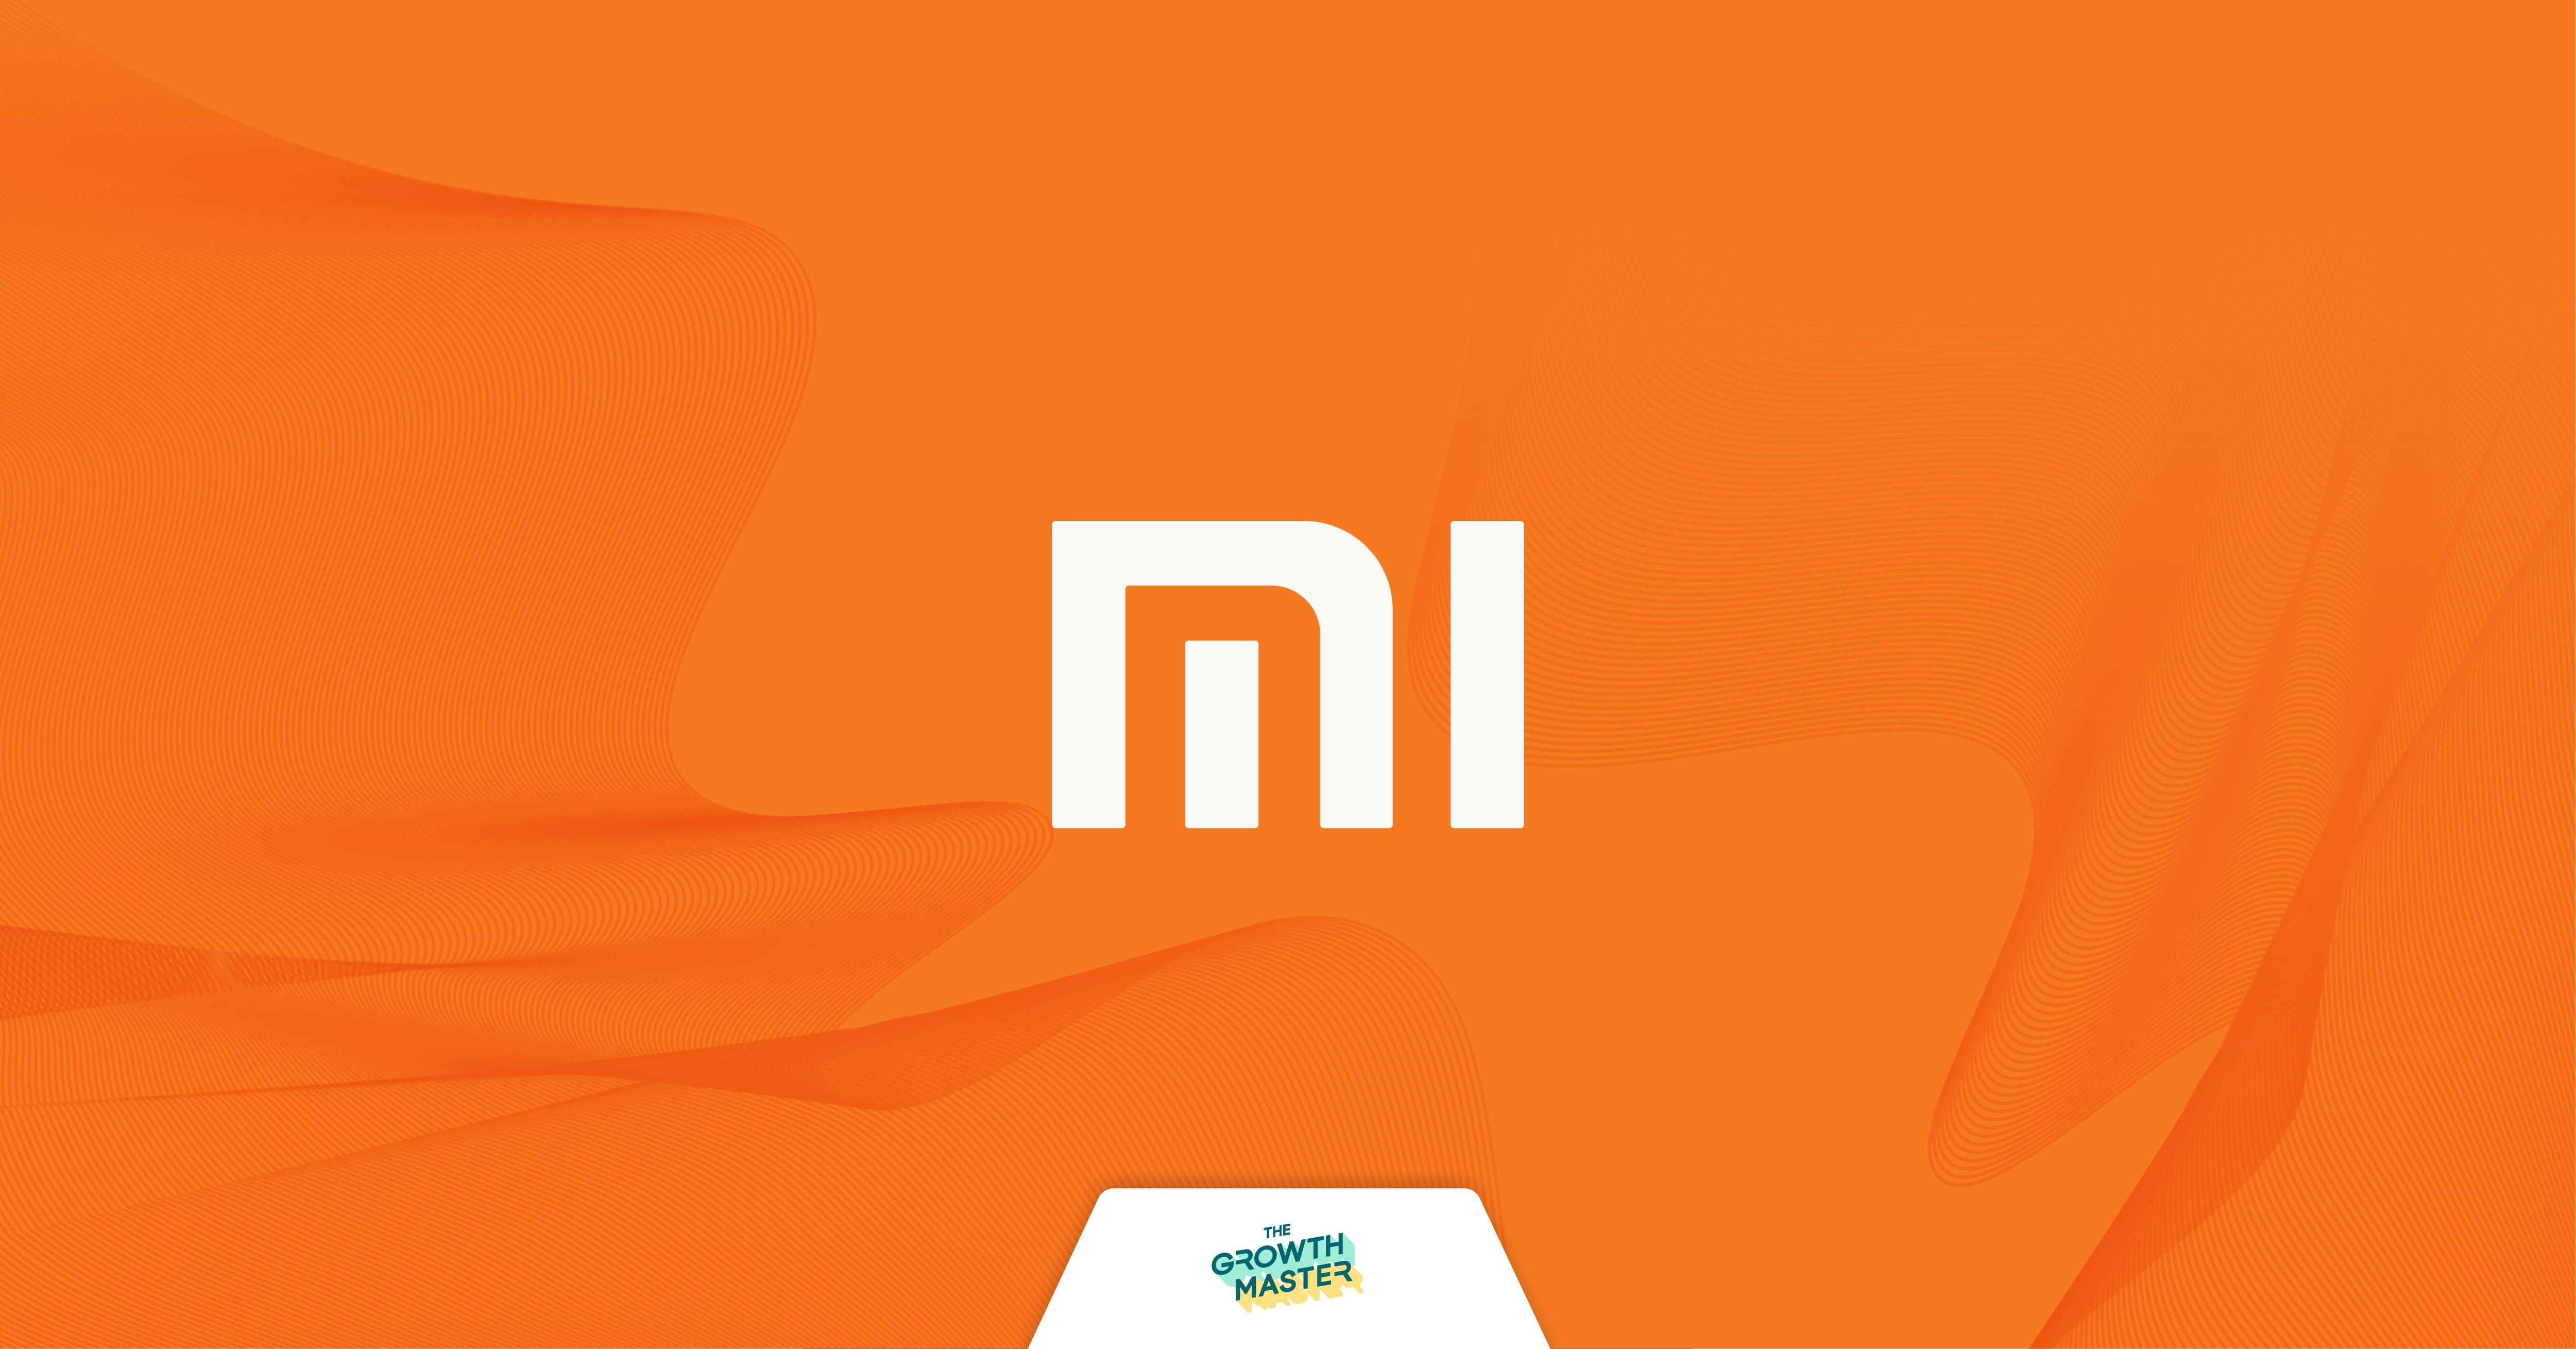 CASE STUDY : Xiaomi แบรนด์จากแดนมังกรที่กราฟการเติบโตพุ่งขึ้นยิ่งกว่าแบรนด์ดังๆ ภายในหนึ่งทศวรรษ